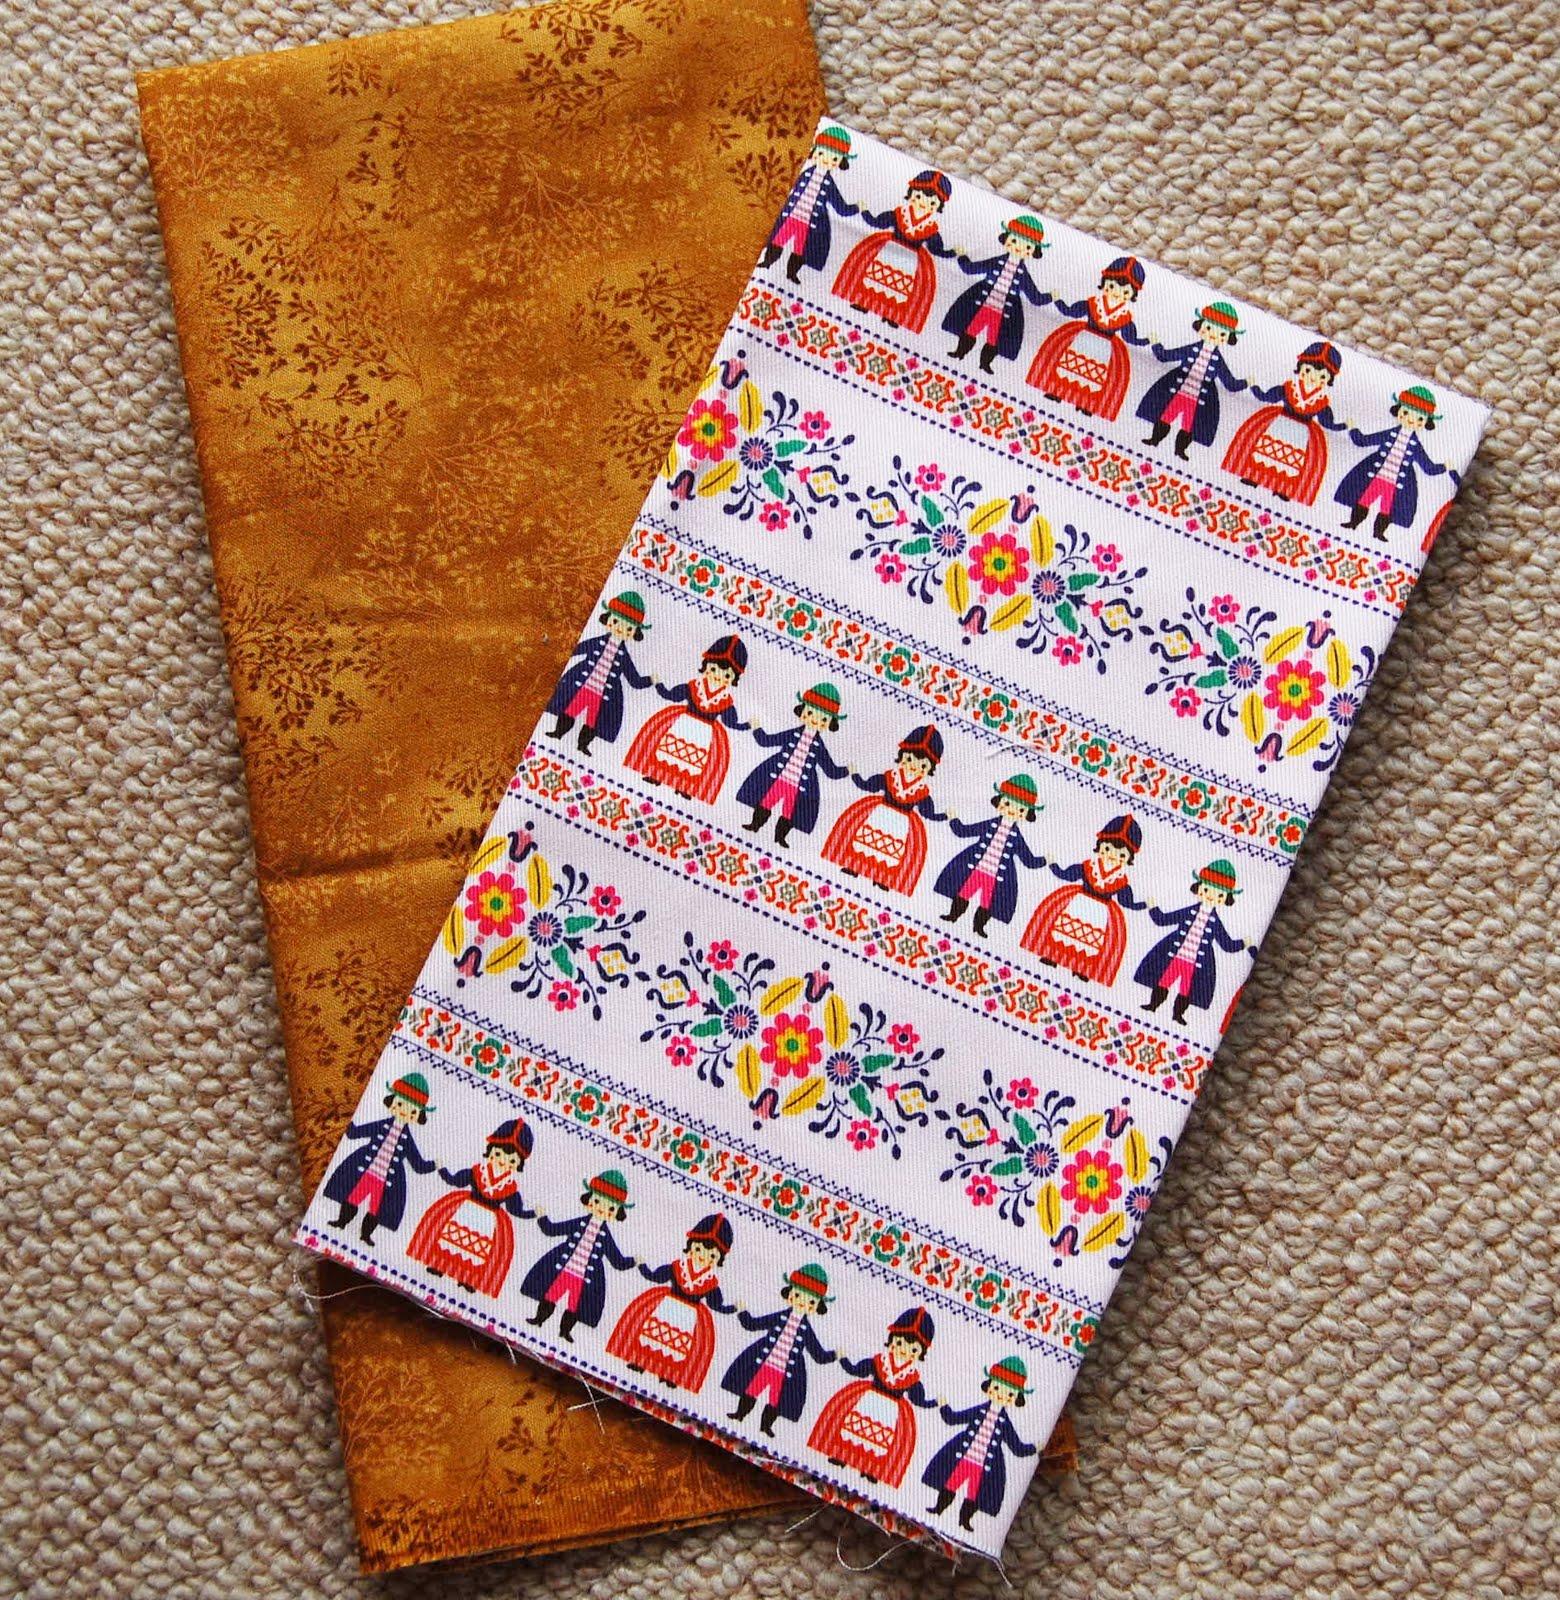 Mybotang fabric scrap series cards - Fabrics Robert Kauffman And Japanese Cotton